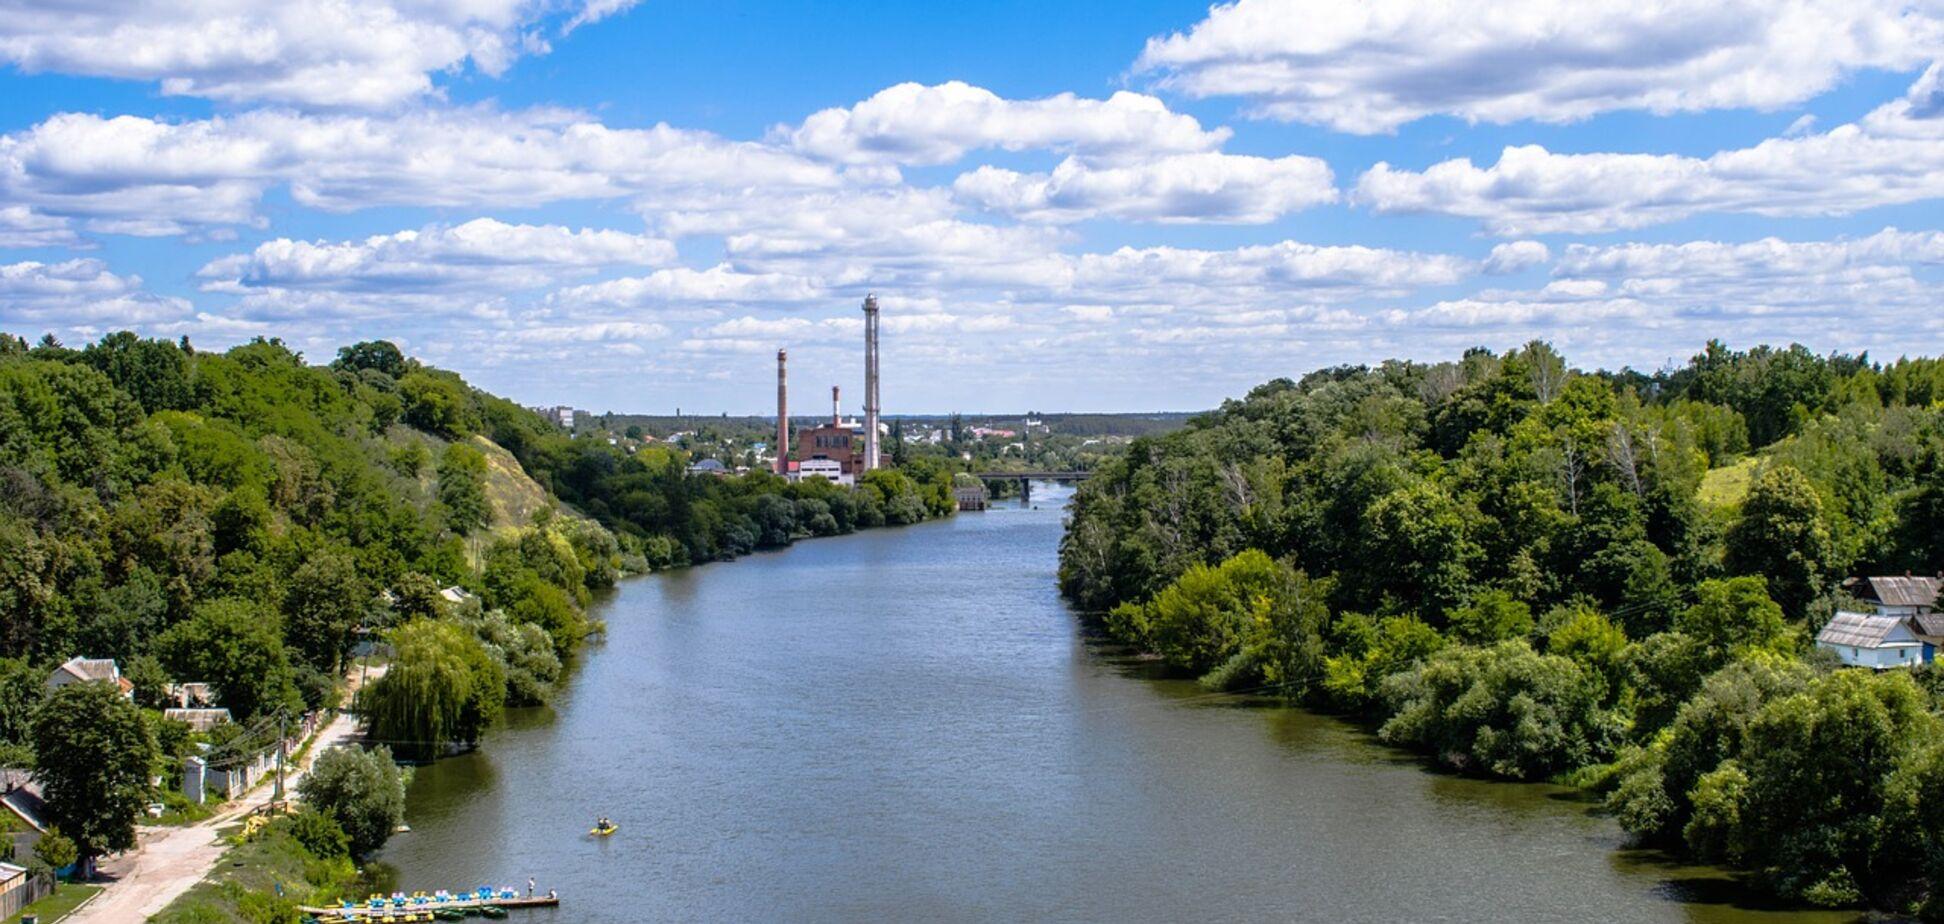 Украина впервые обнародовала открытые данные о качестве воды